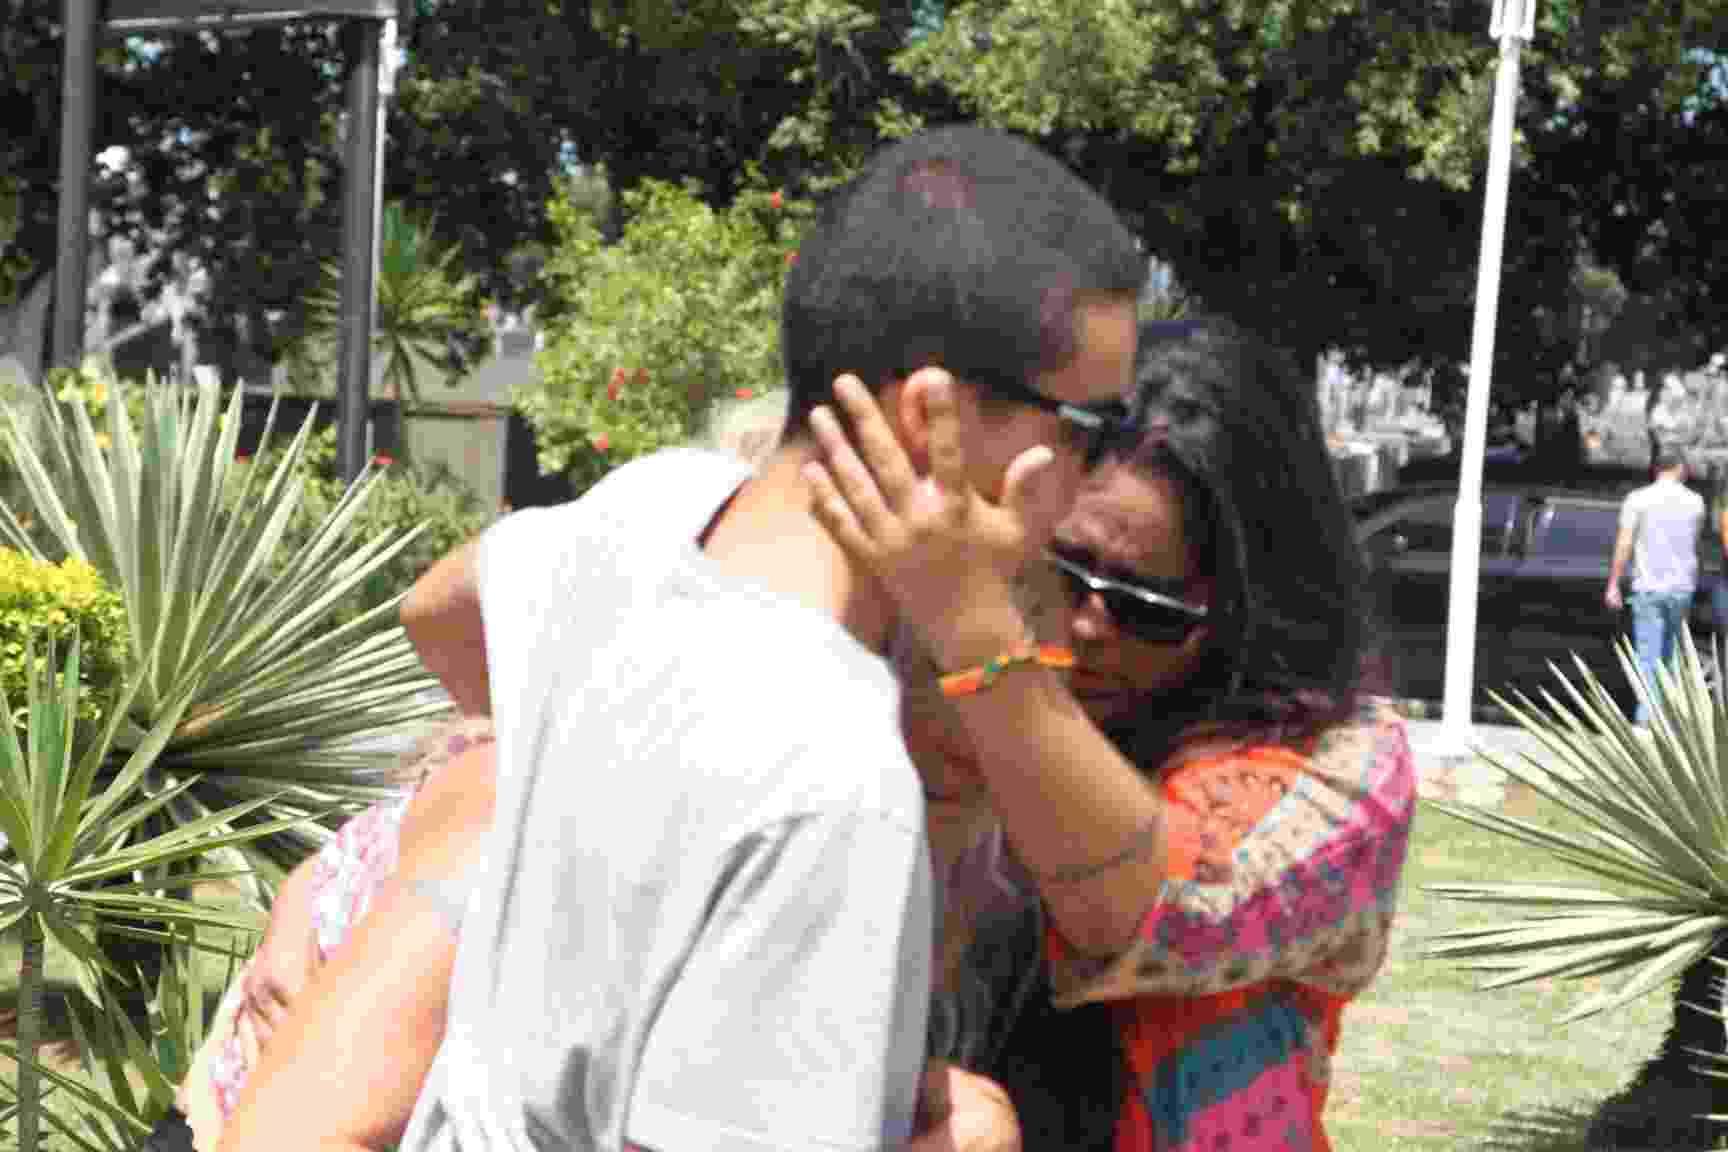 Brita Brazil é amparada por parentes ao chegar para a cremação do corpo de seu filho, Rian Brito, que tinha 25 anos - Anderson Borde/AgNews